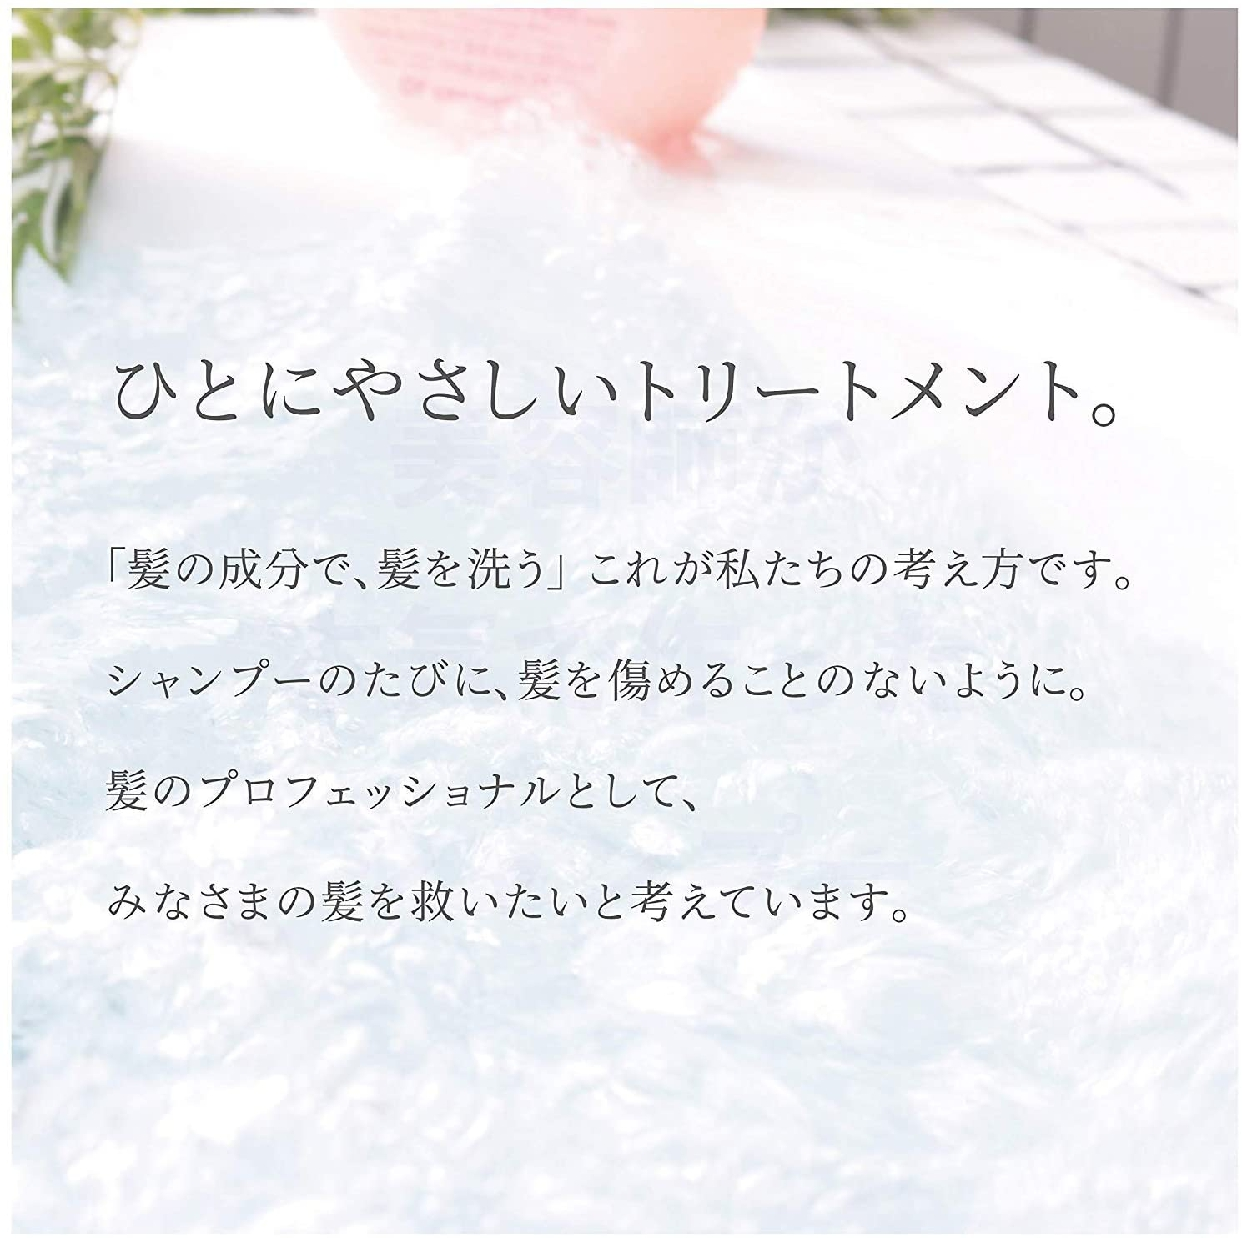 Of cosmetics(オブ・コスメティックス) トリートメントスパオブヘア・S2 スタンダードサイズ(カサブランカの香り)の商品画像4